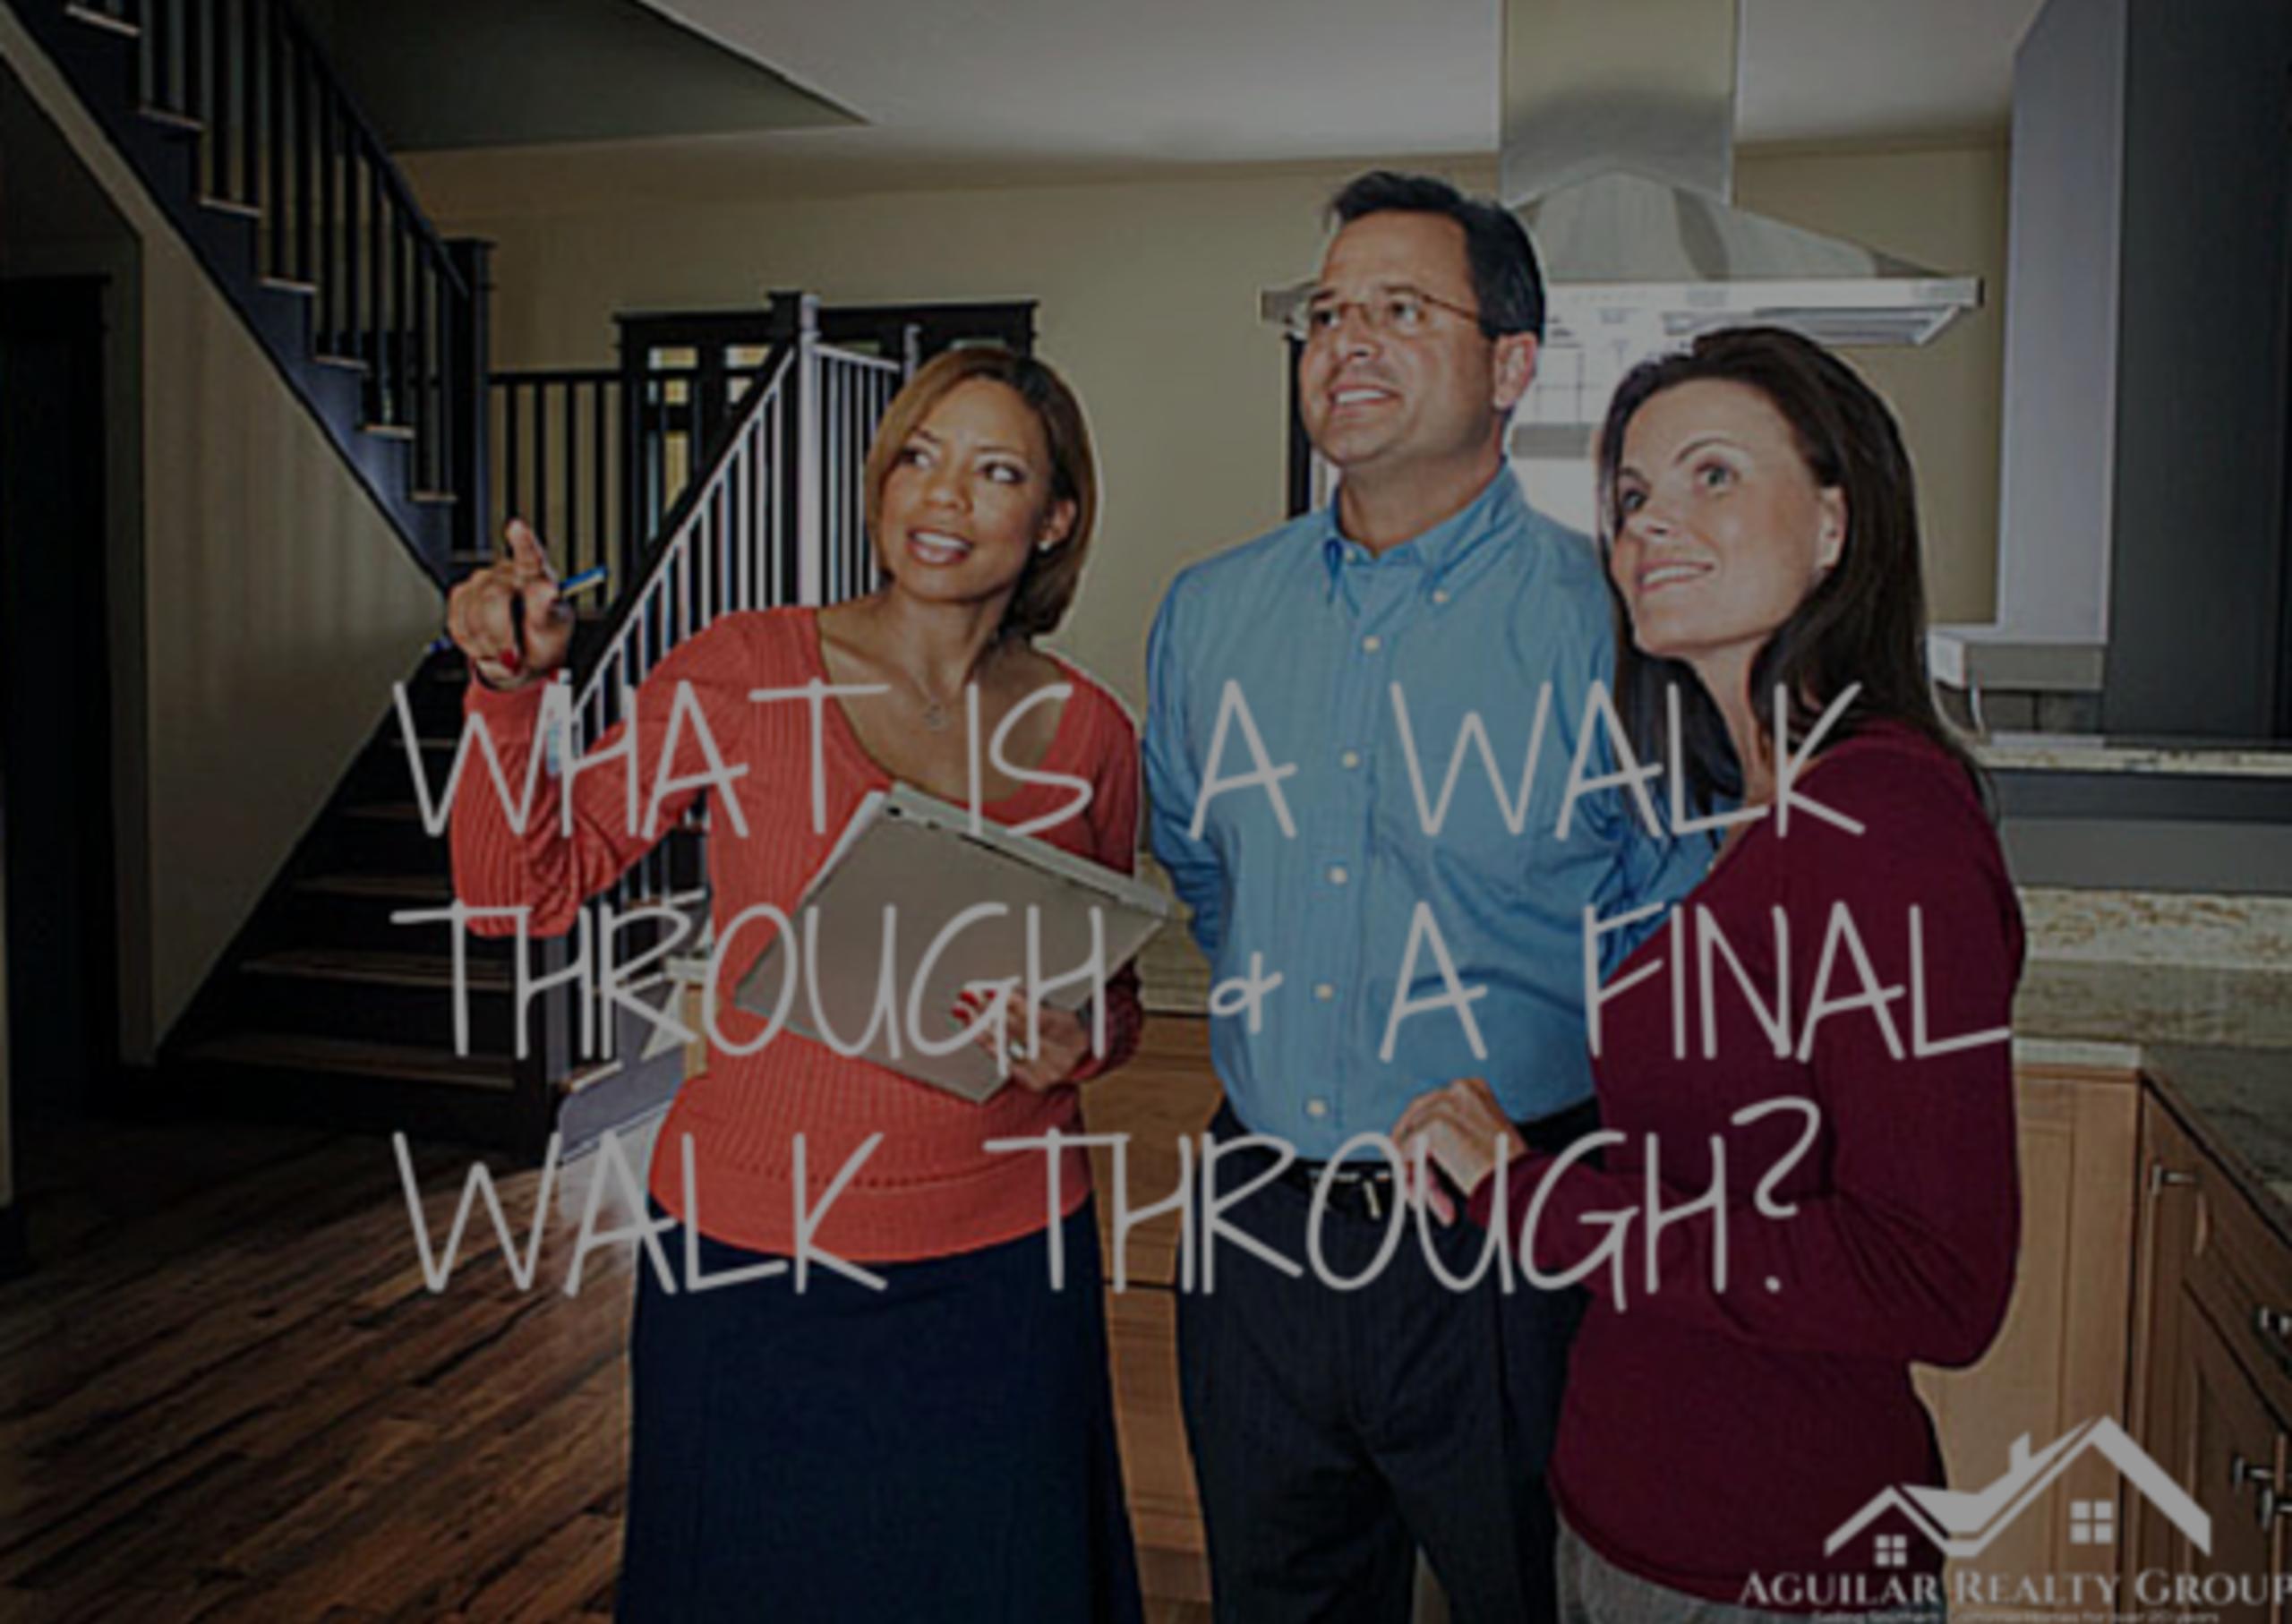 What is a walk through and a final walk through?